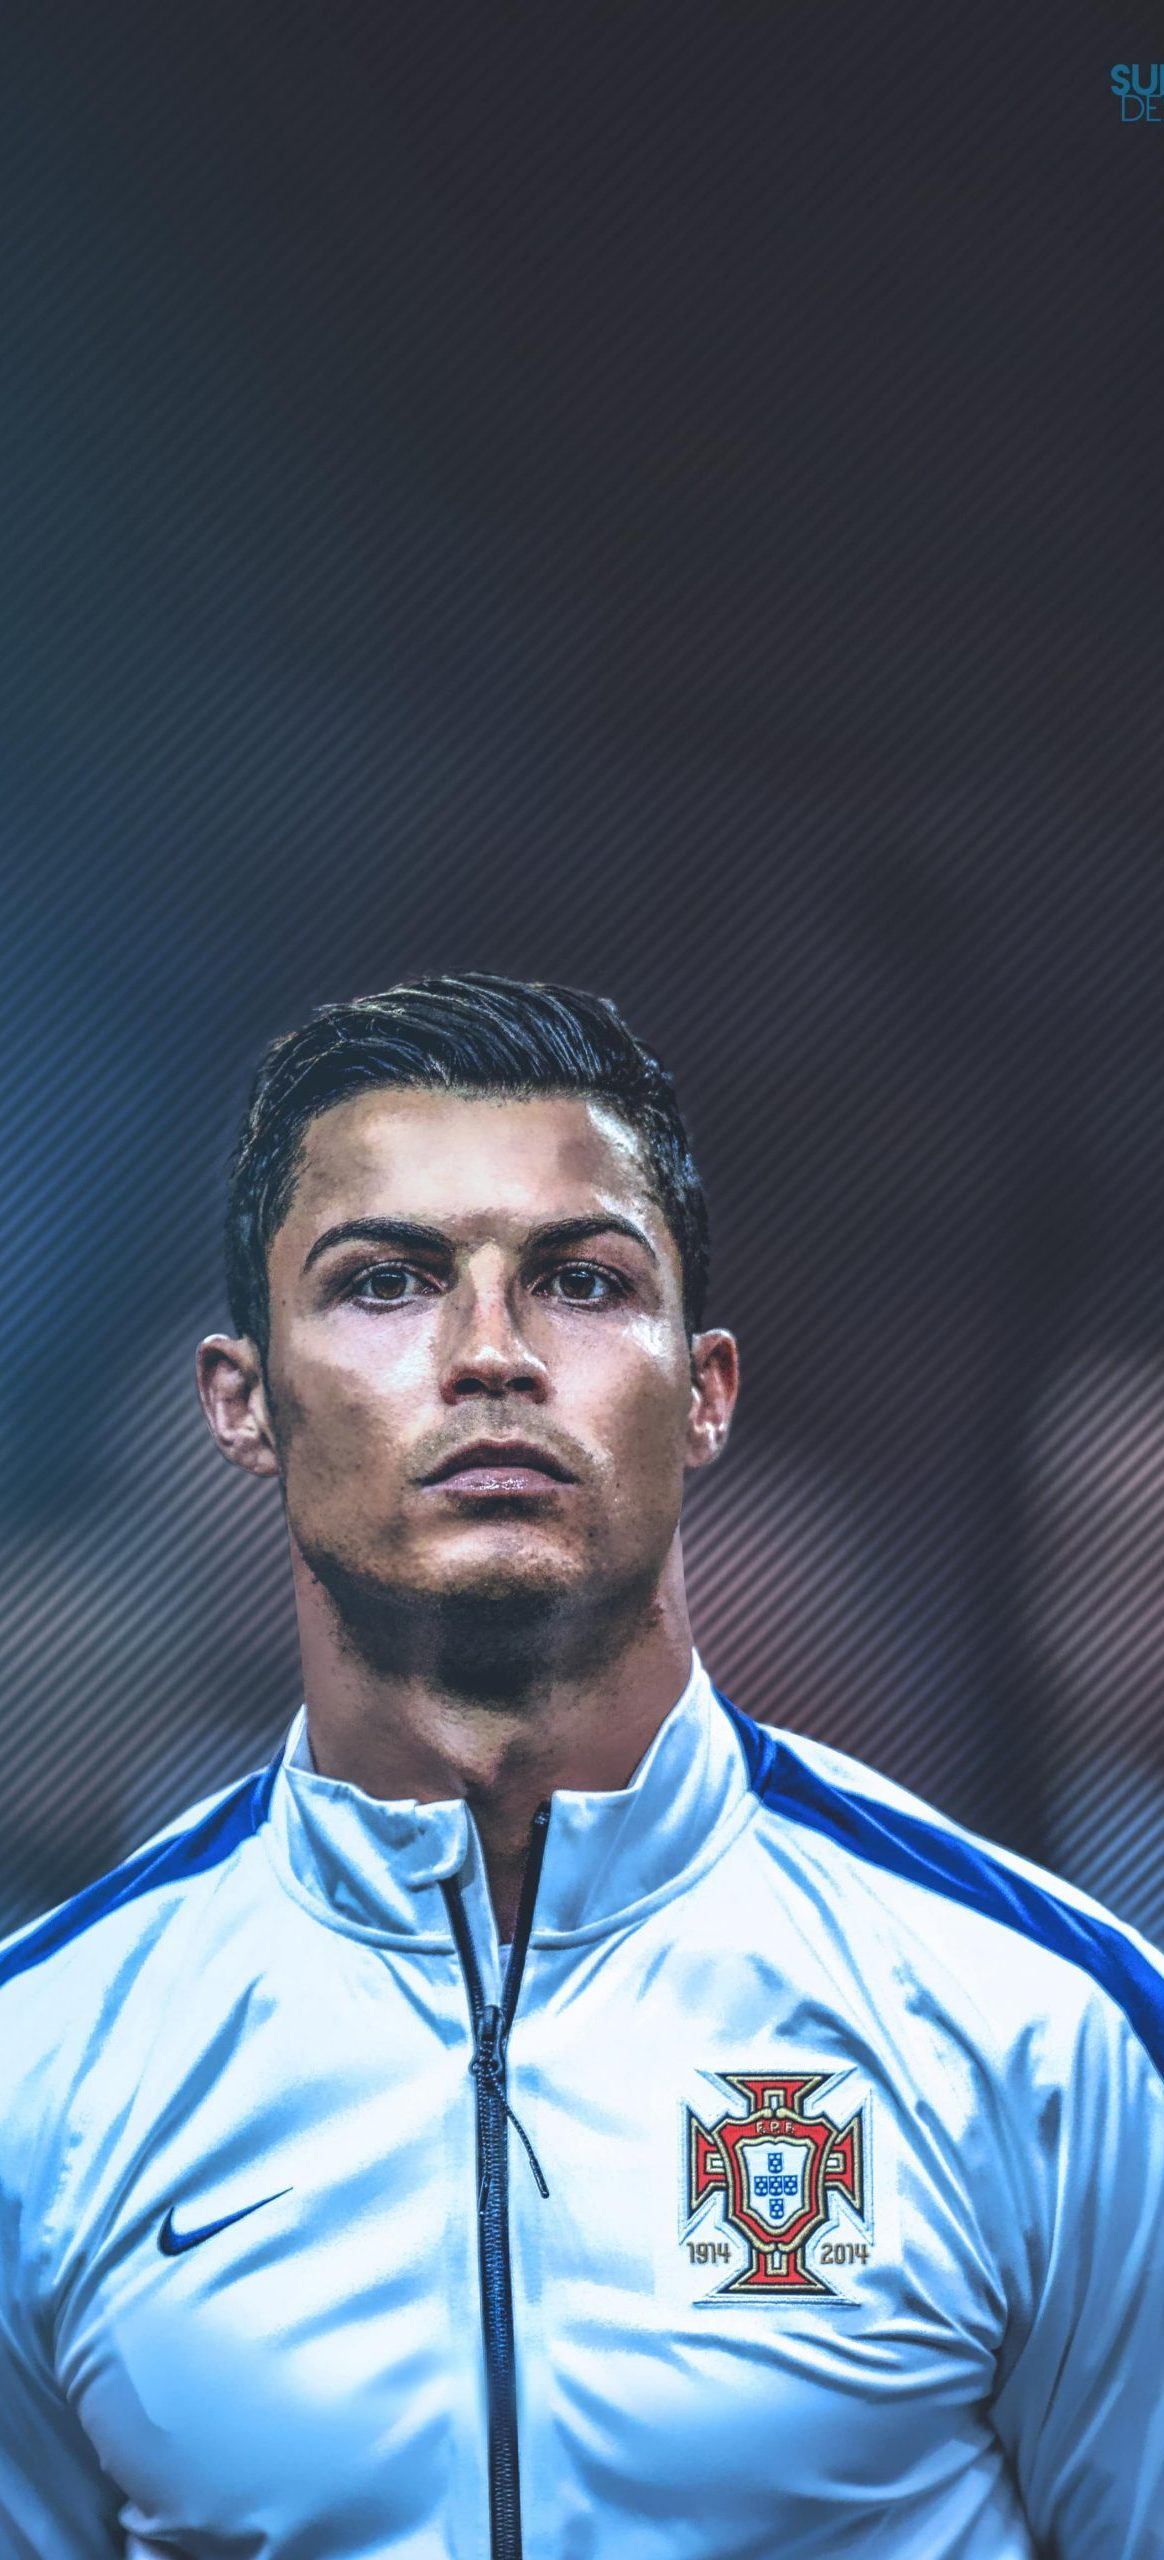 Cristiano Ronaldo Wallpaper Hd - Cristiano Ronaldo , HD Wallpaper & Backgrounds